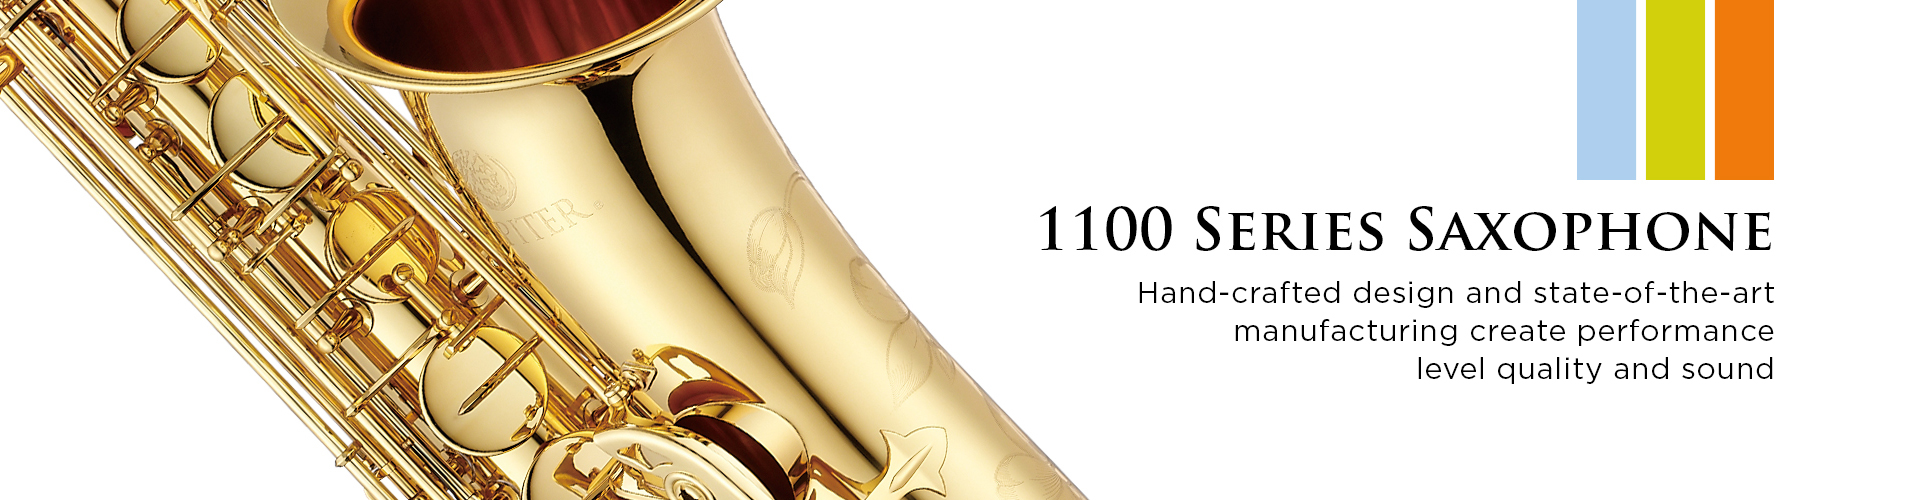 1100 SERIES SAXOPHONES